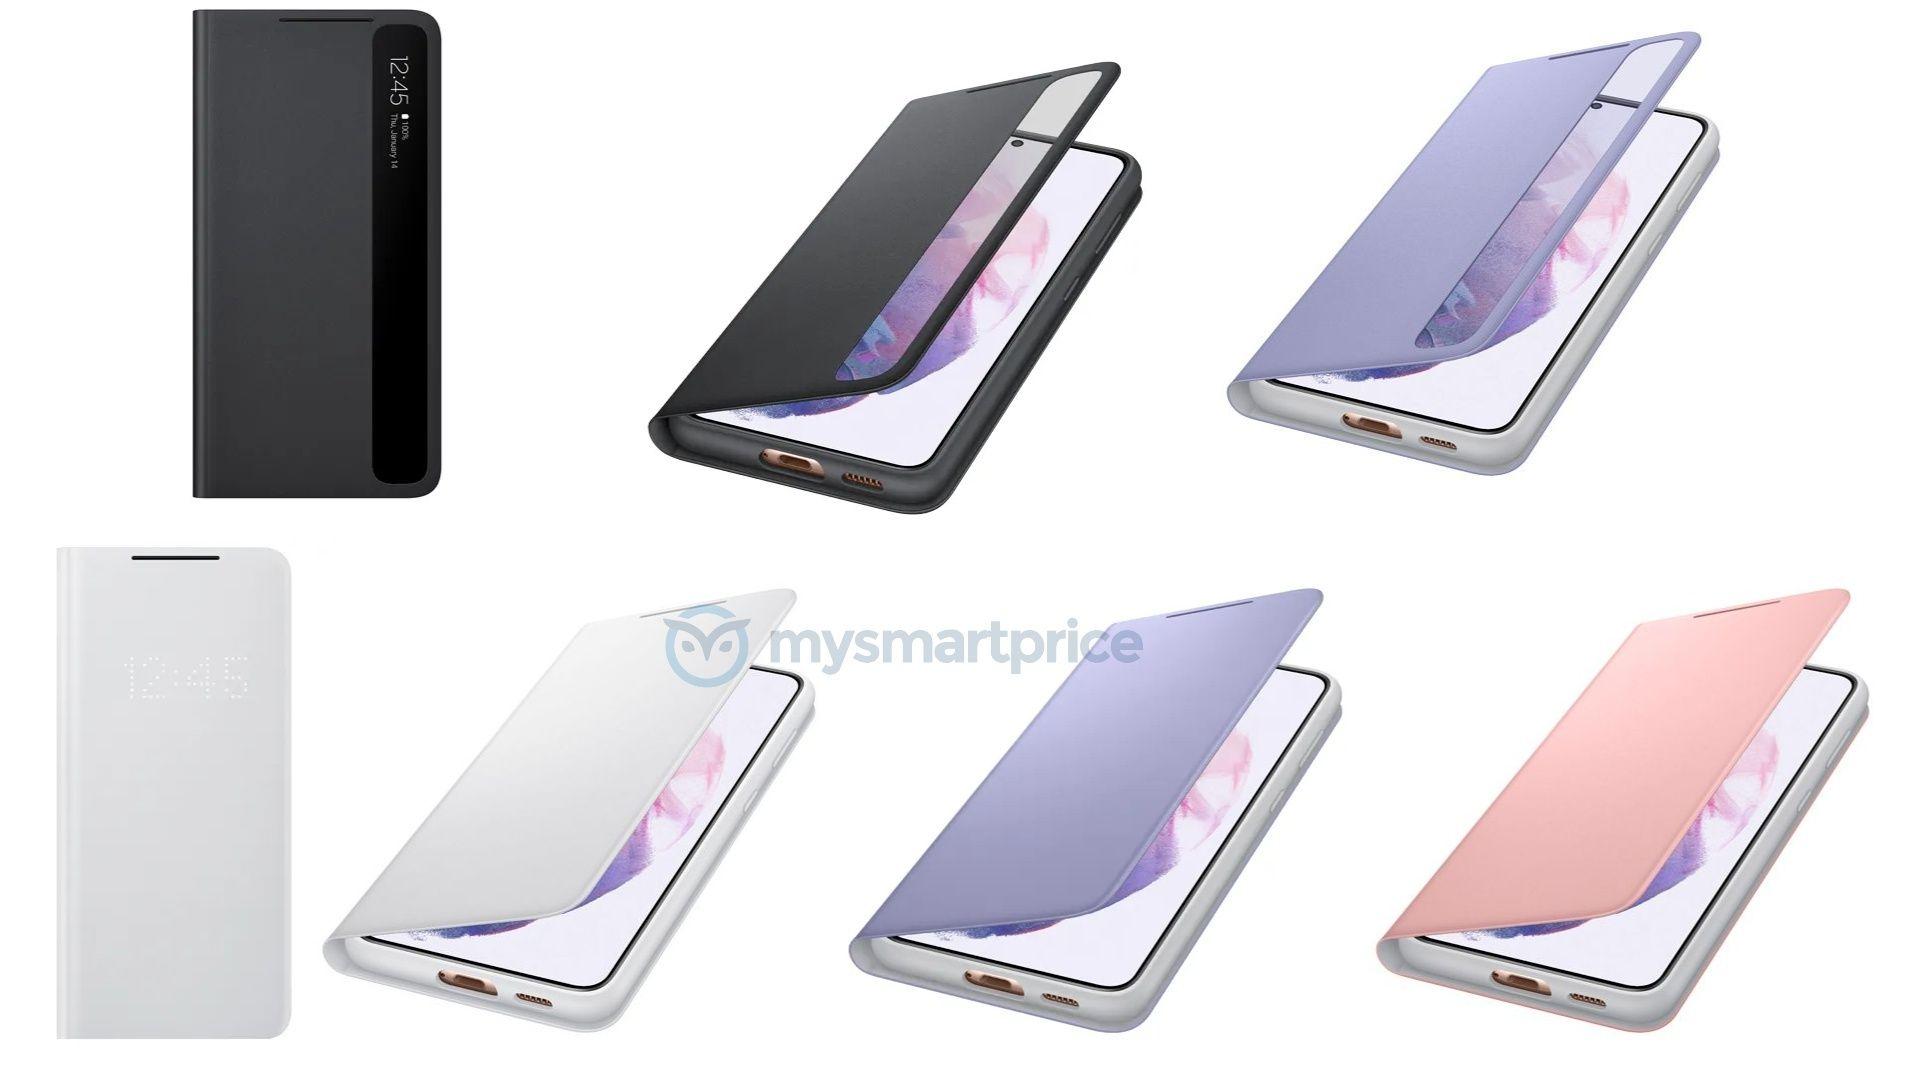 Lộ diện toàn bộ ốp lưng của Galaxy S21 series trước ngày ra mắt